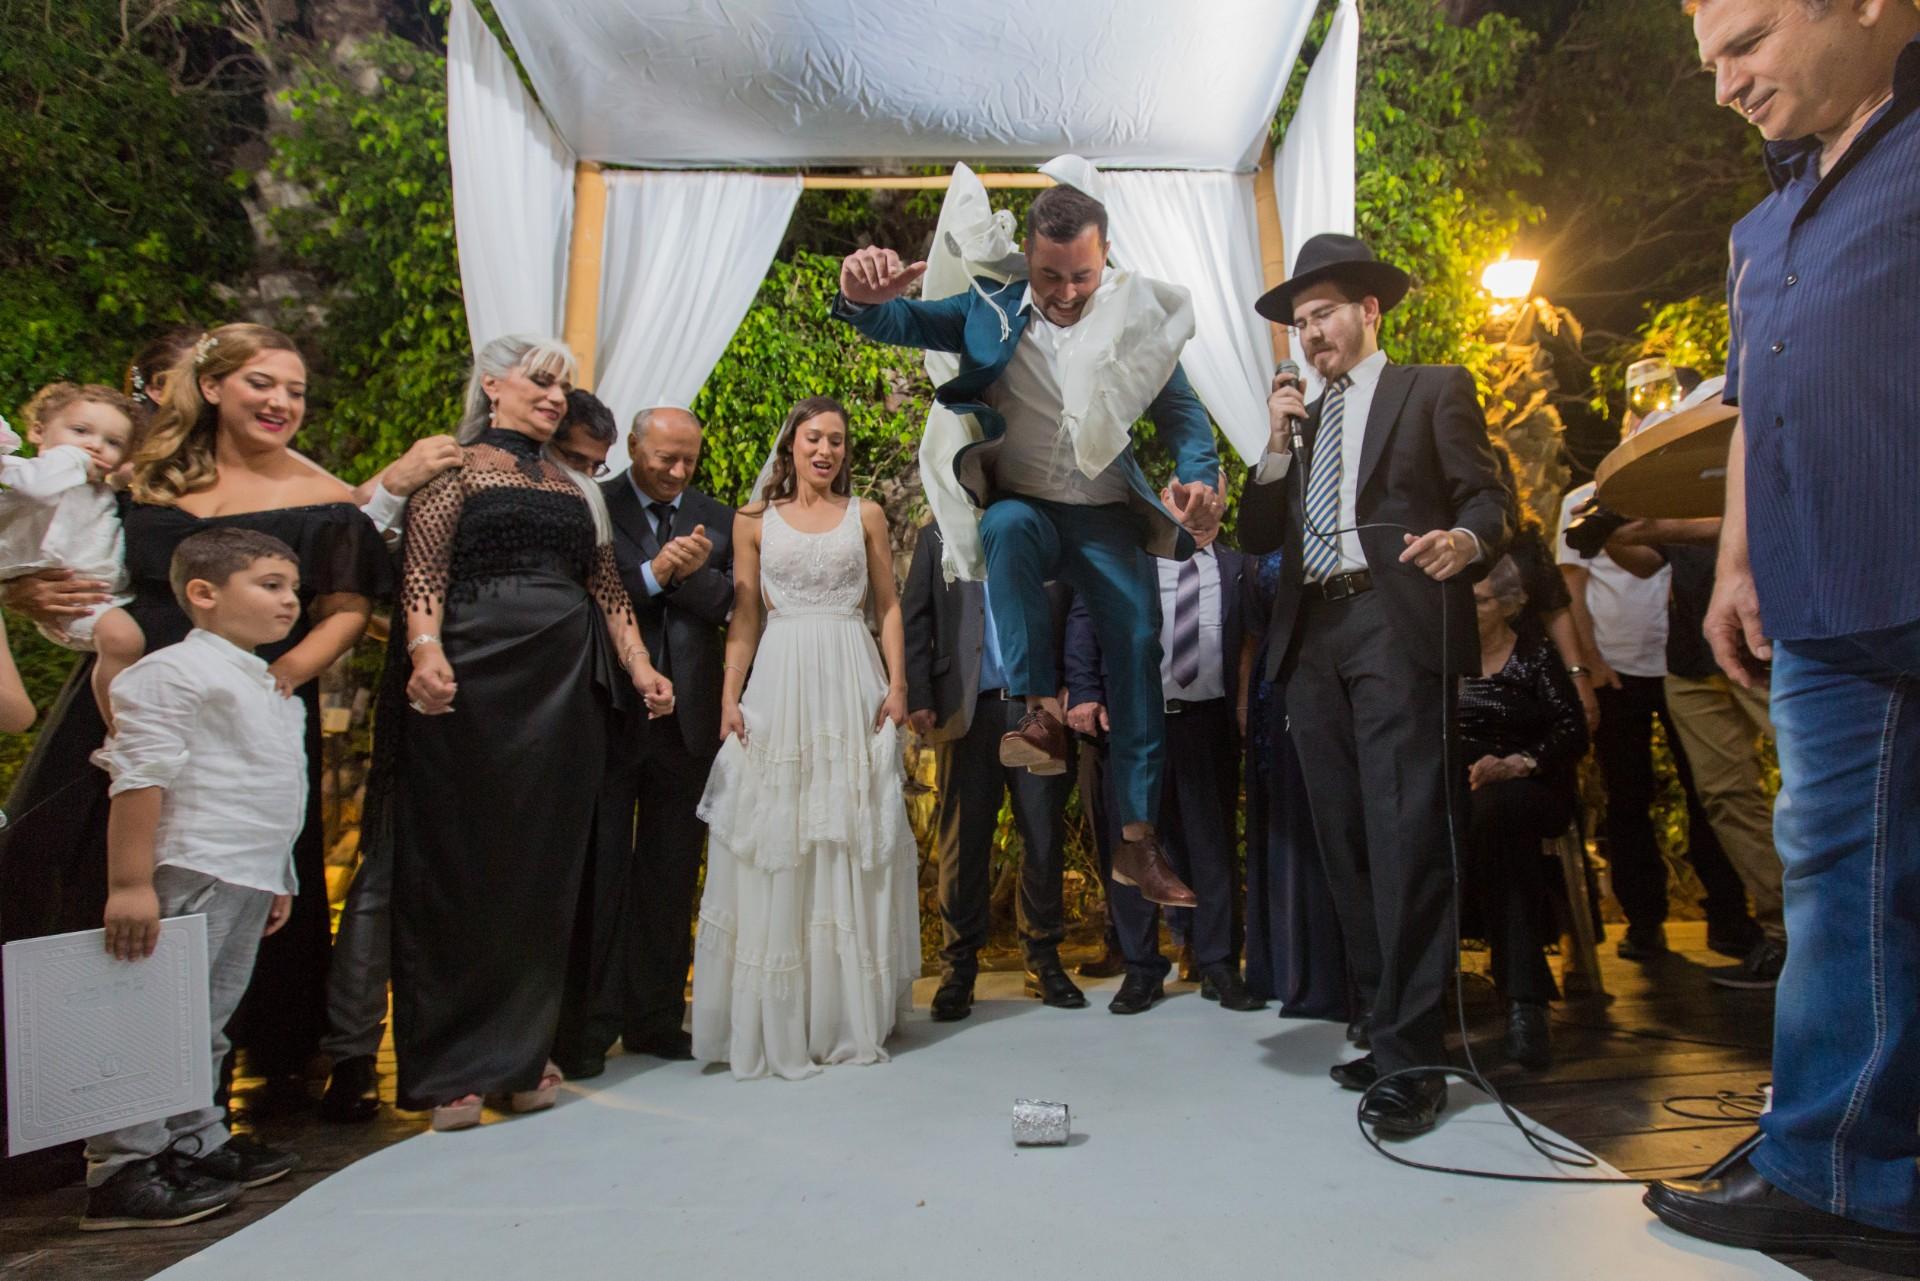 חוק המספרים הגדולים: כך יוצרים חתונה רבת משתתפים